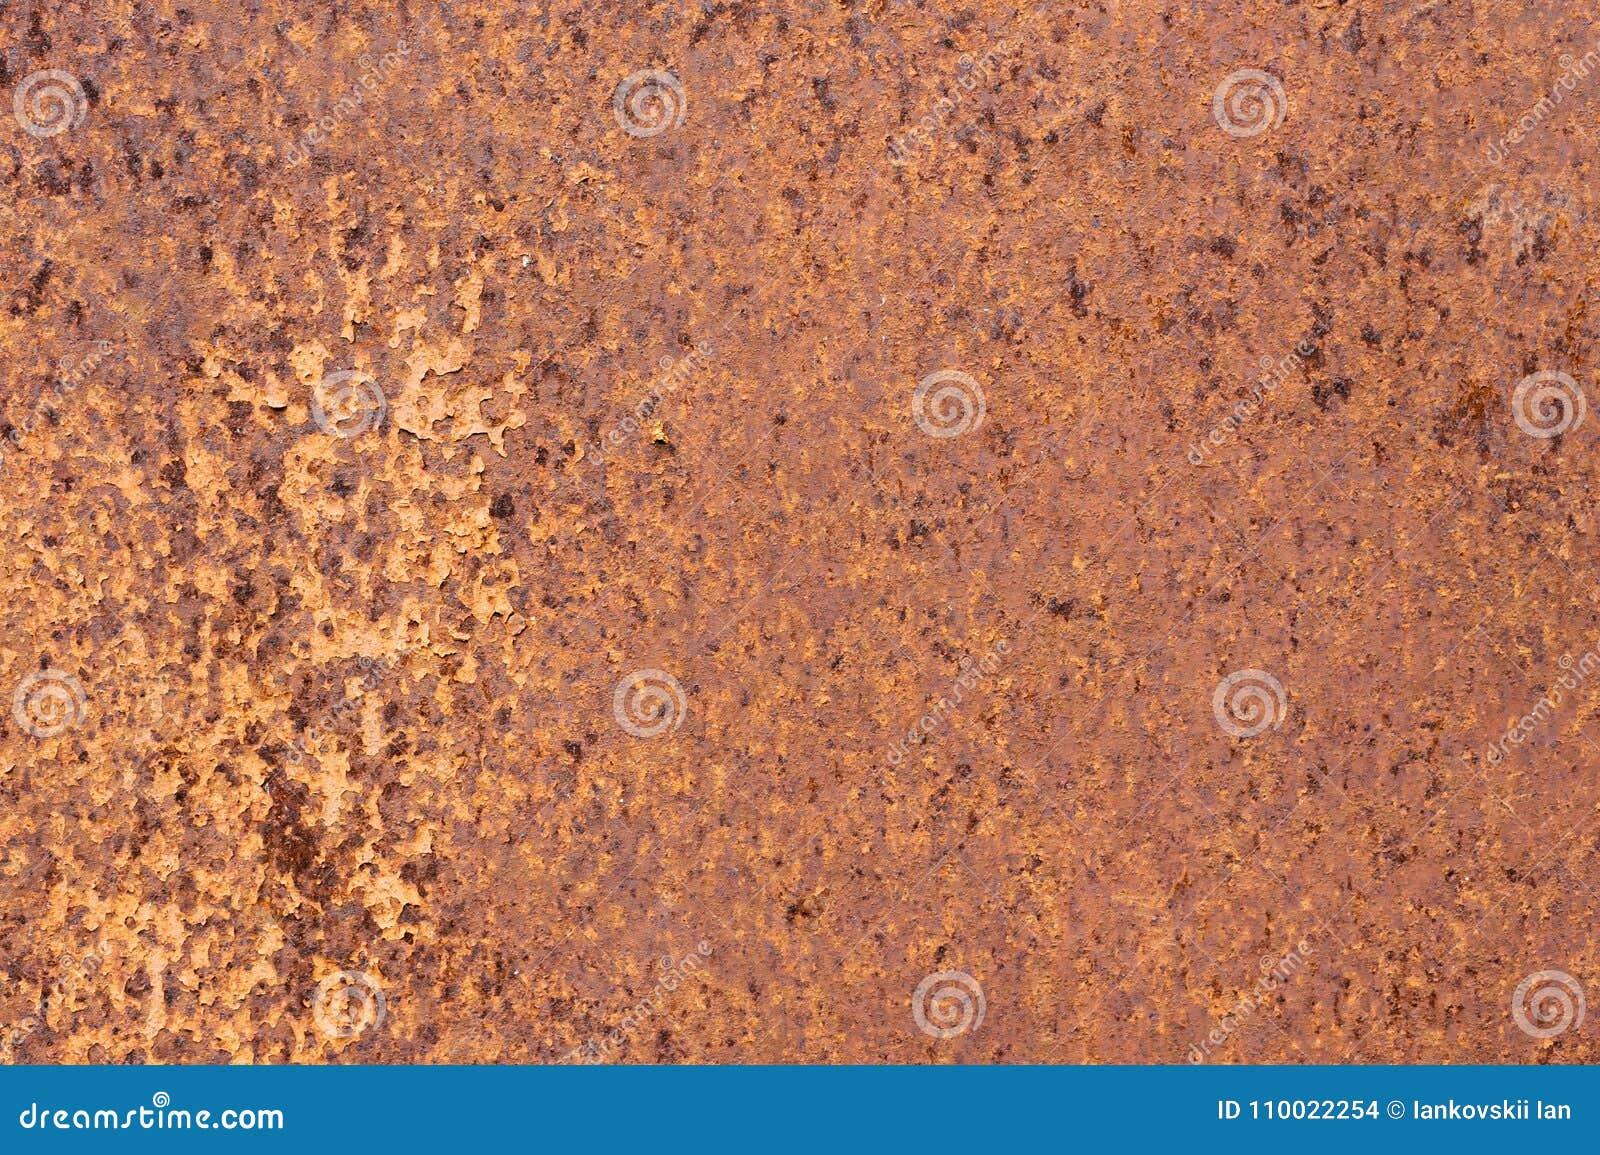 Superfície de metal textured amarelo-vermelha oxidada A textura da folha de metal é oxidação e corrosão inclinadas grunge